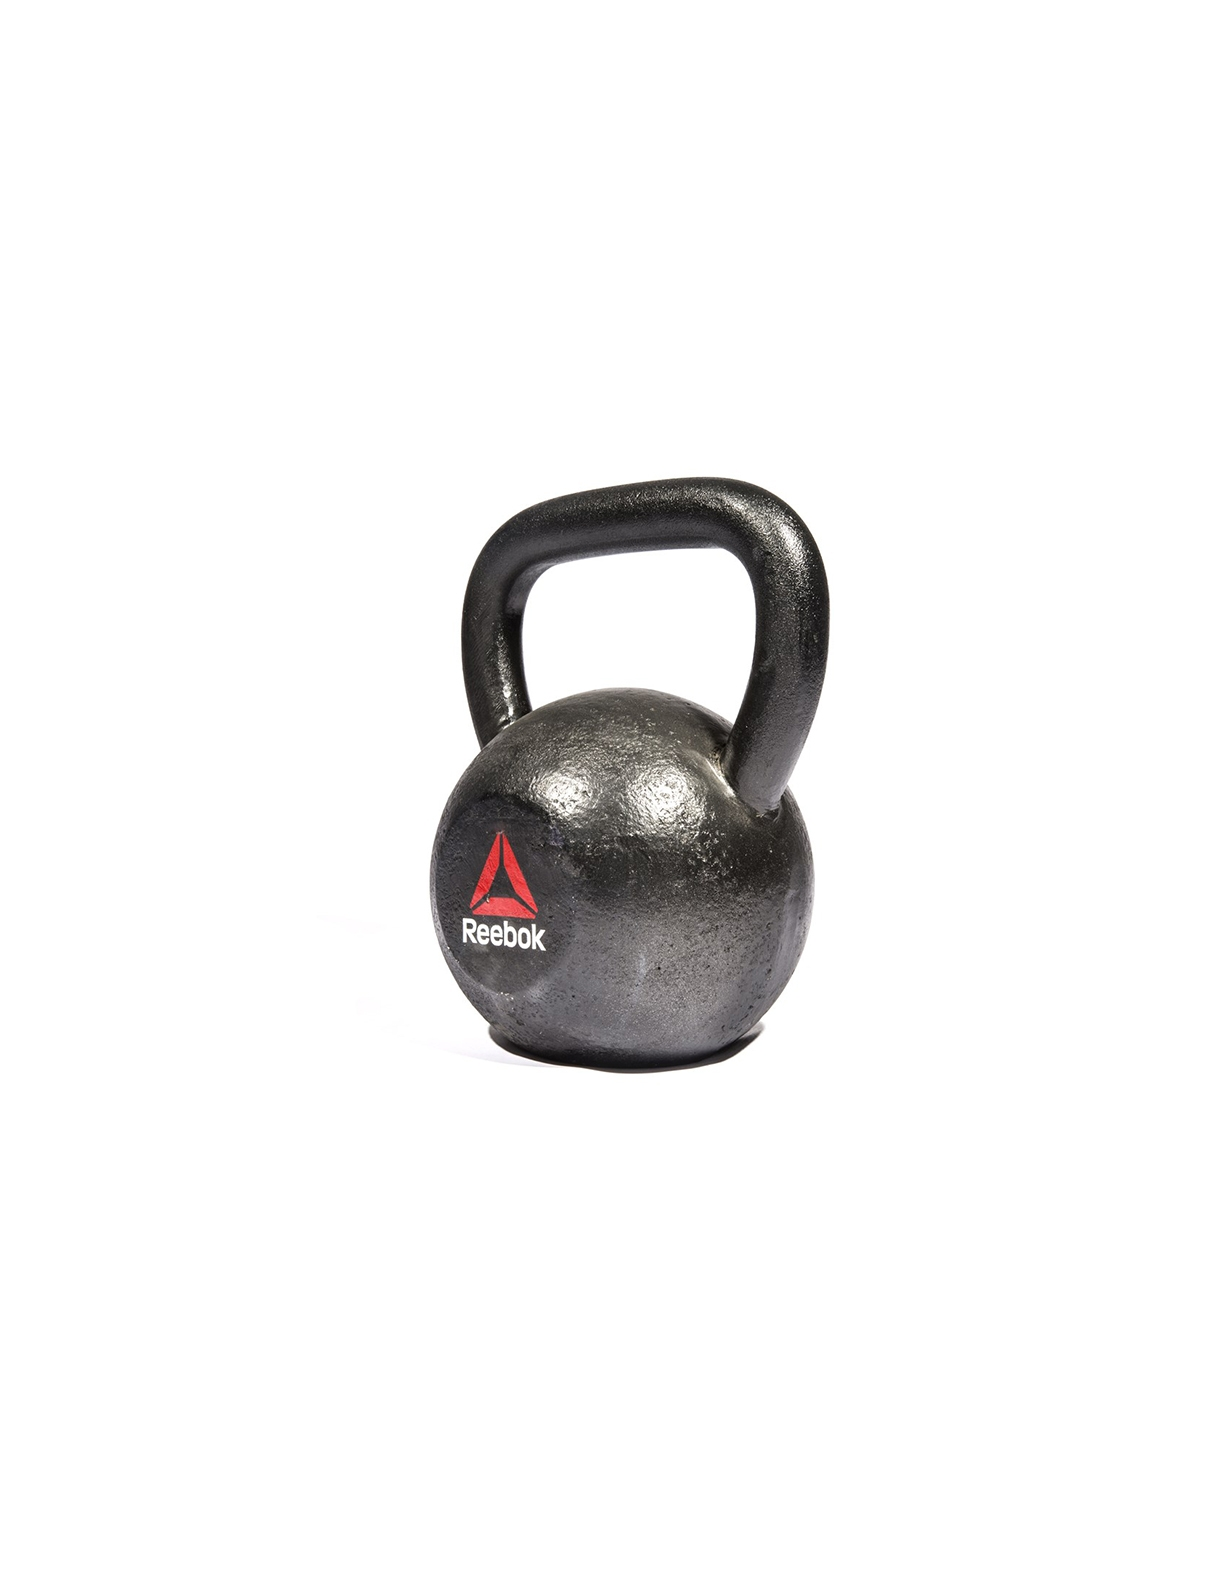 RSWT-12304 - Kettlebell - 4kg